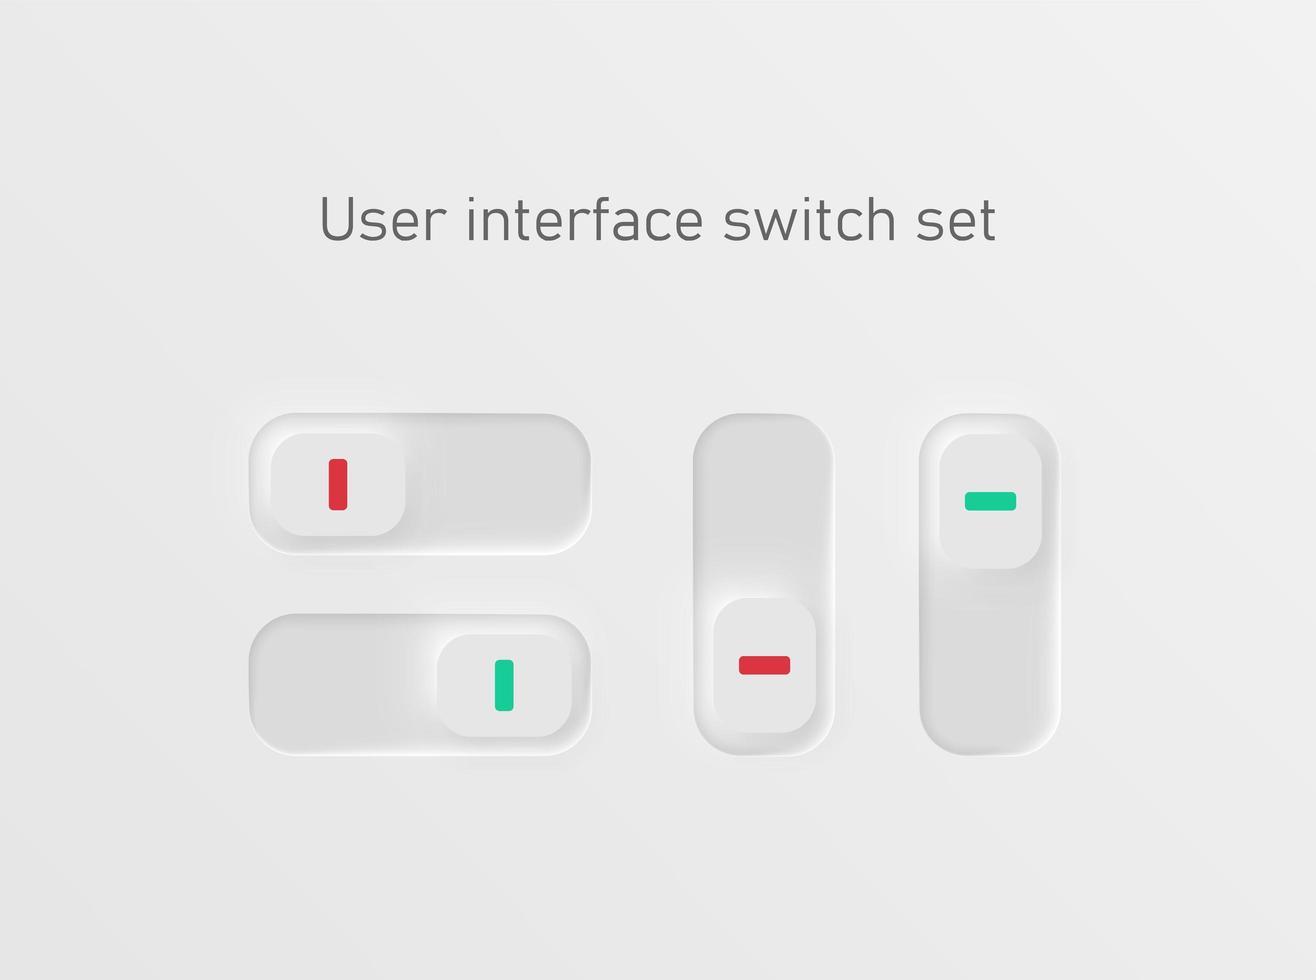 Schalter für Benutzeroberflächen vektor